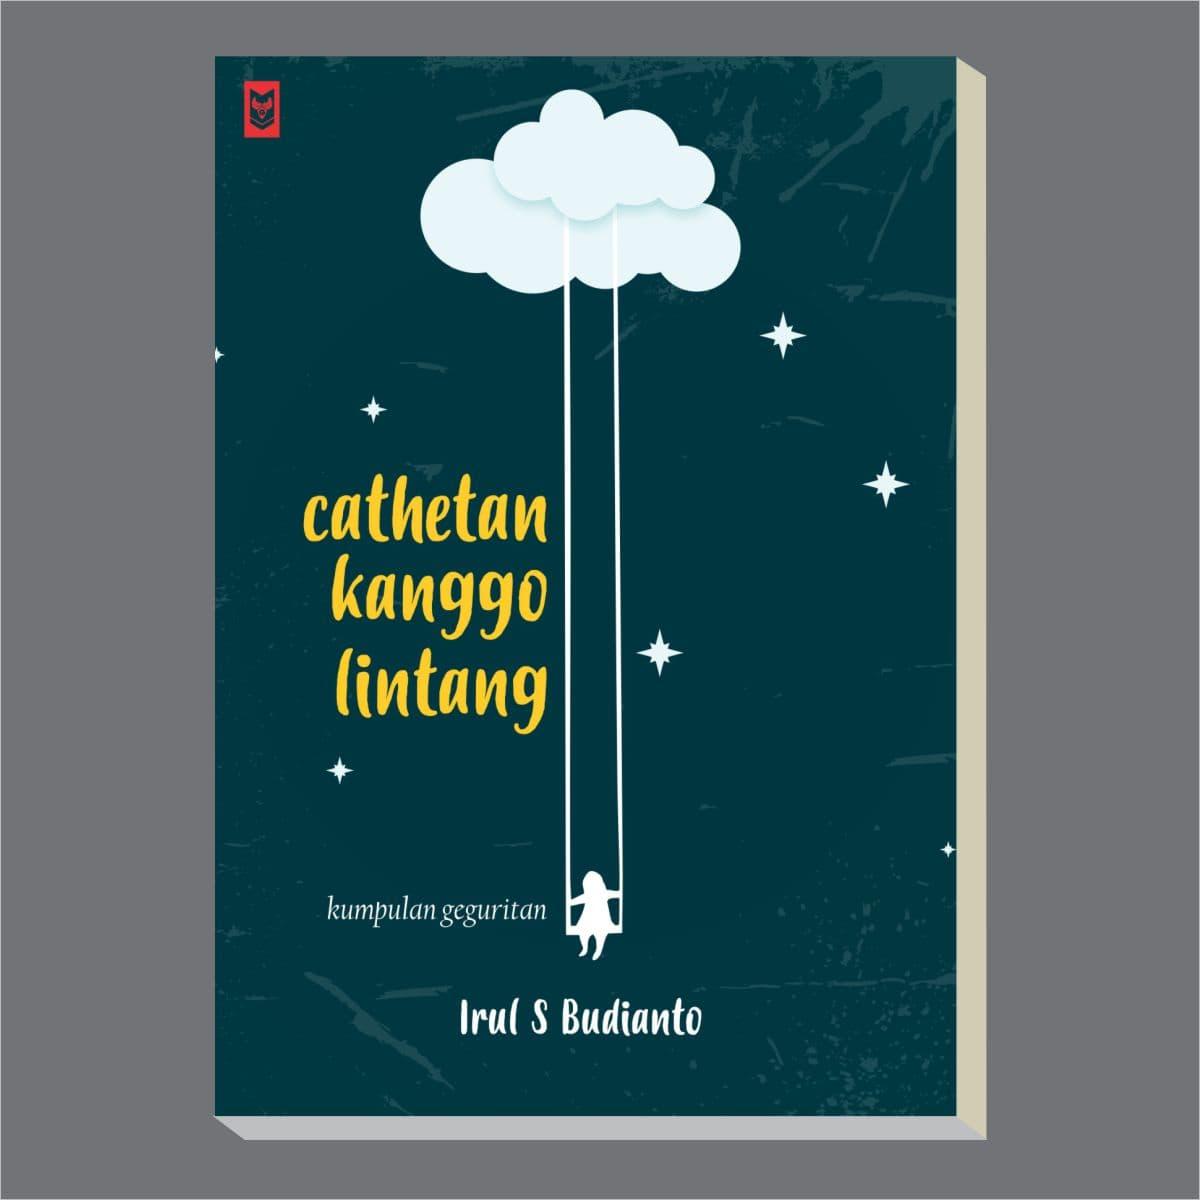 Cathetan Kanggo Lintang - Blanja.com